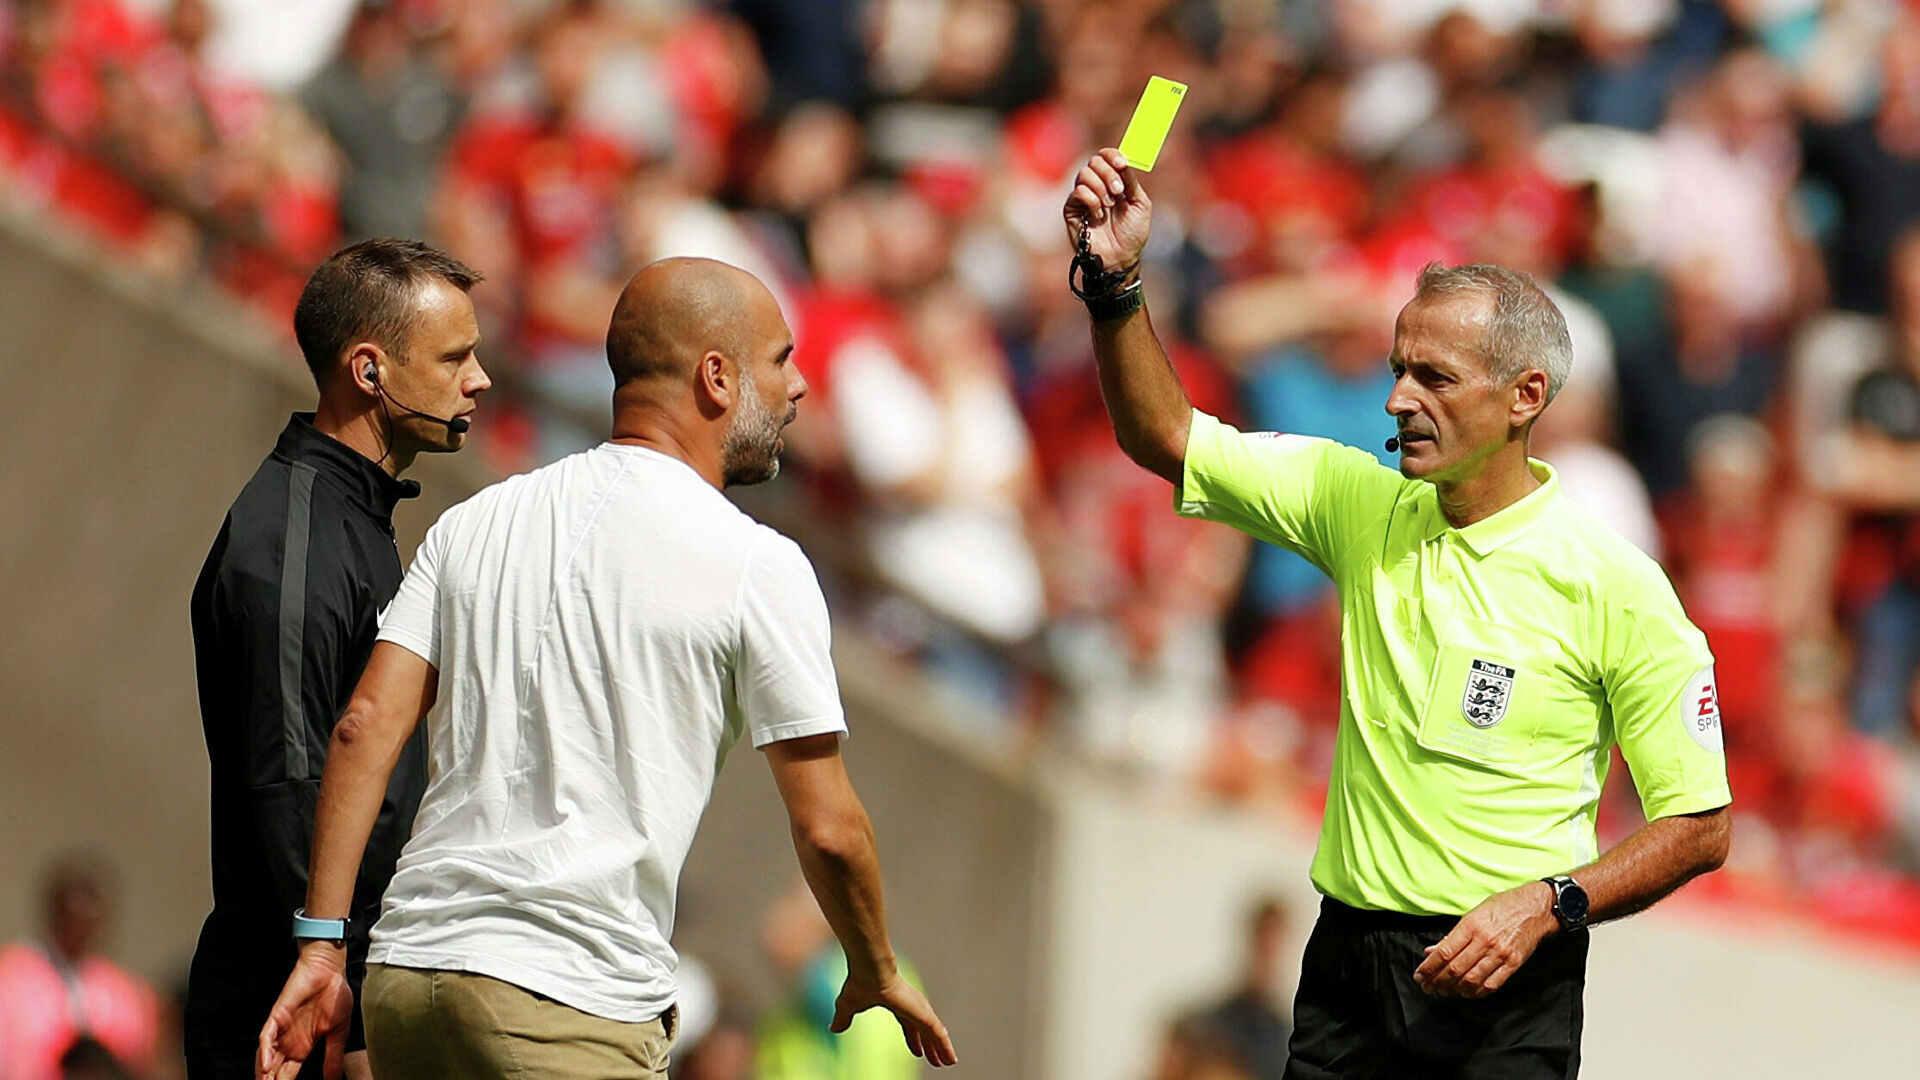 Oshibki arbitrov v stavkah na futbol Kak oni vliyayut i chto s nimi delat